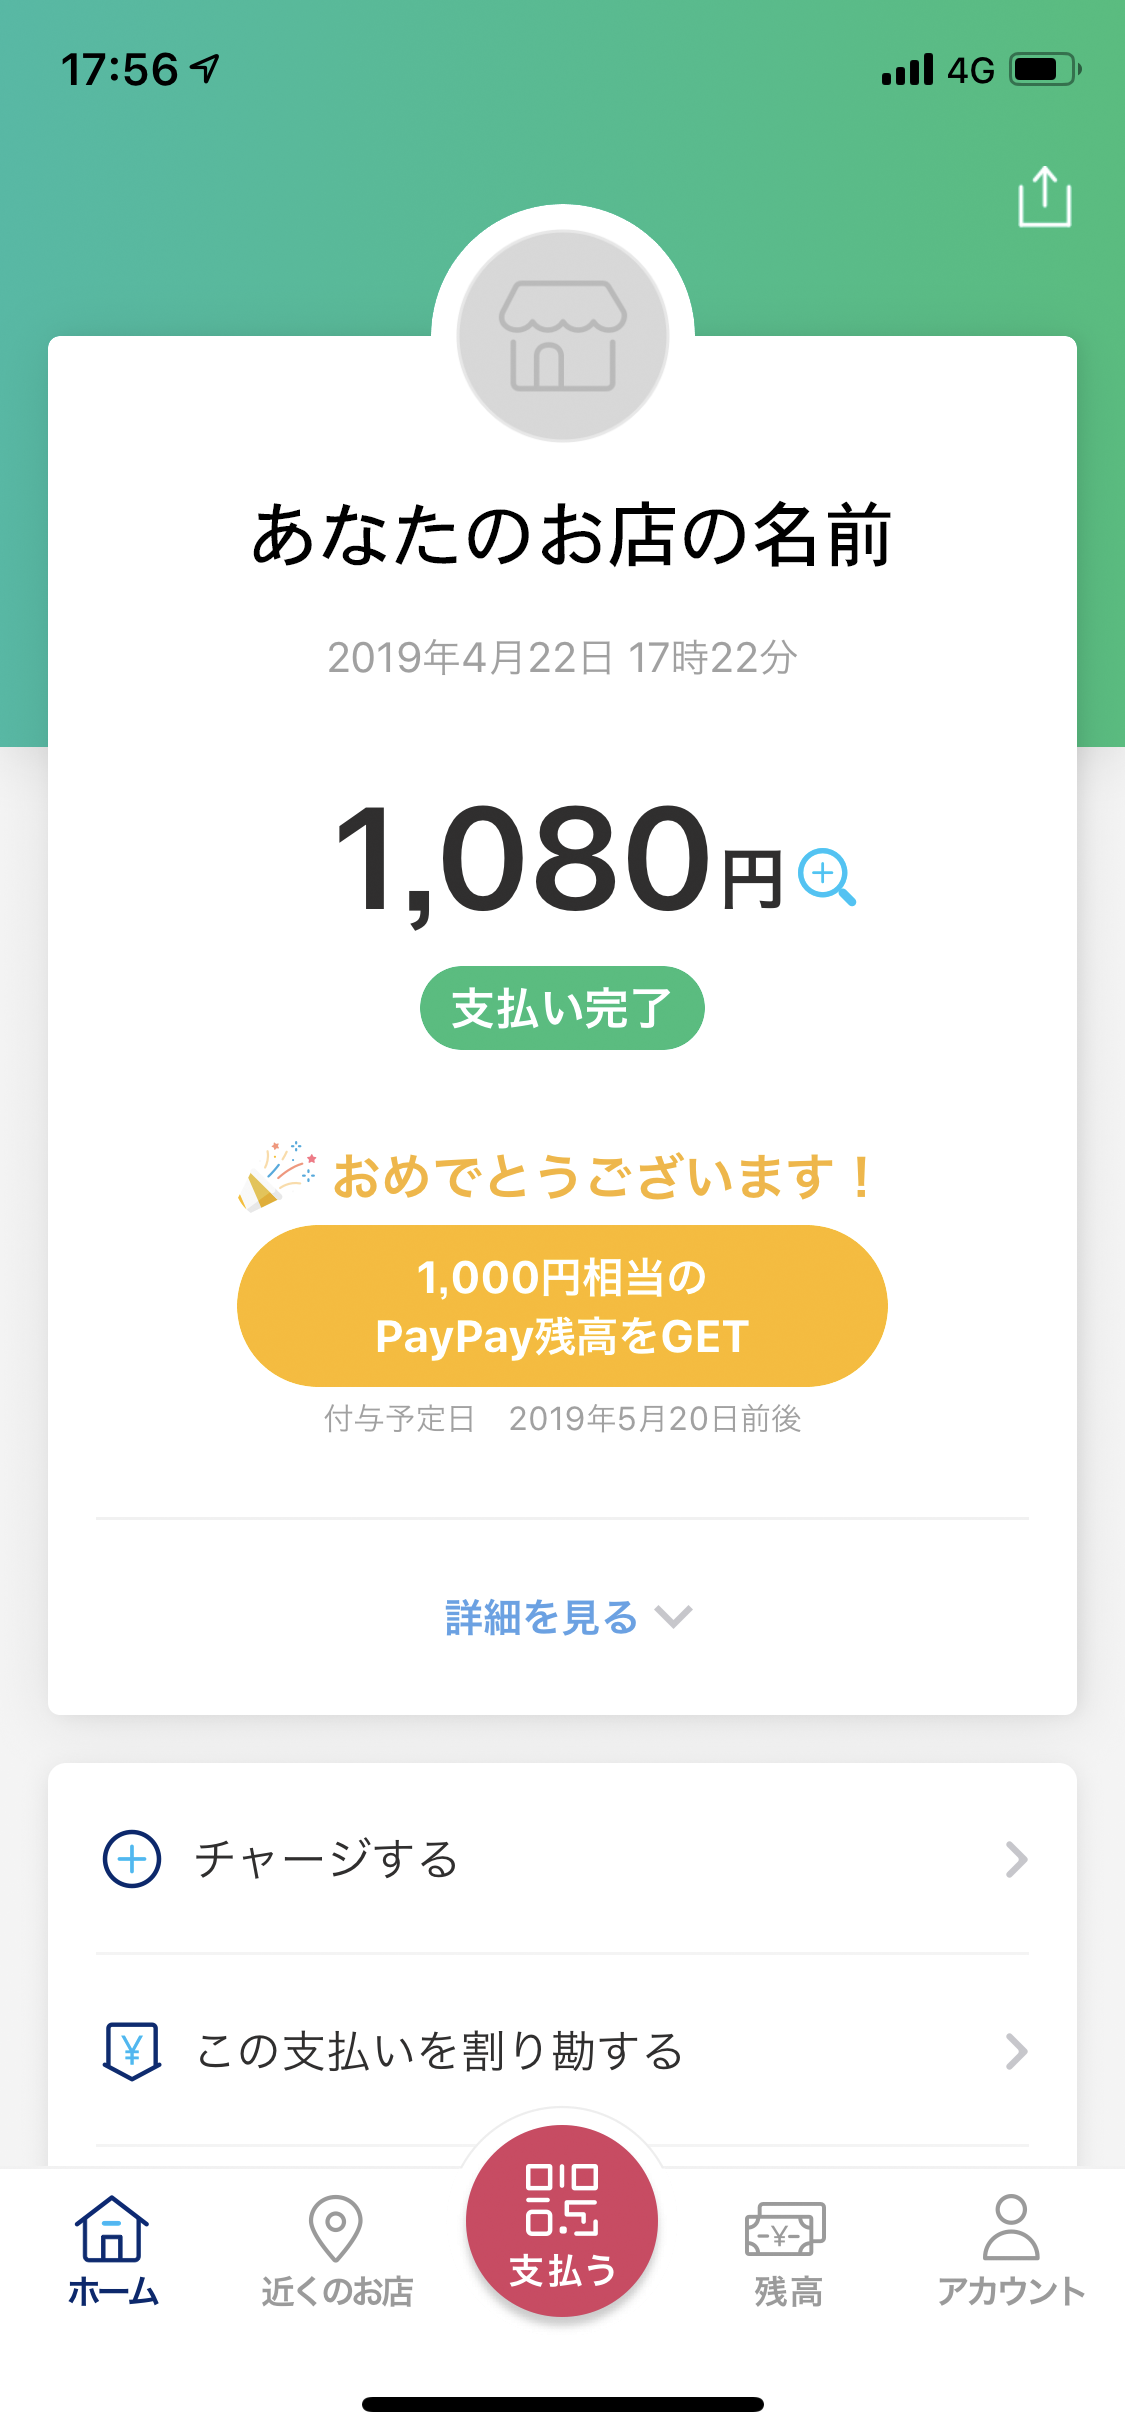 PayPay決済狩猟画面